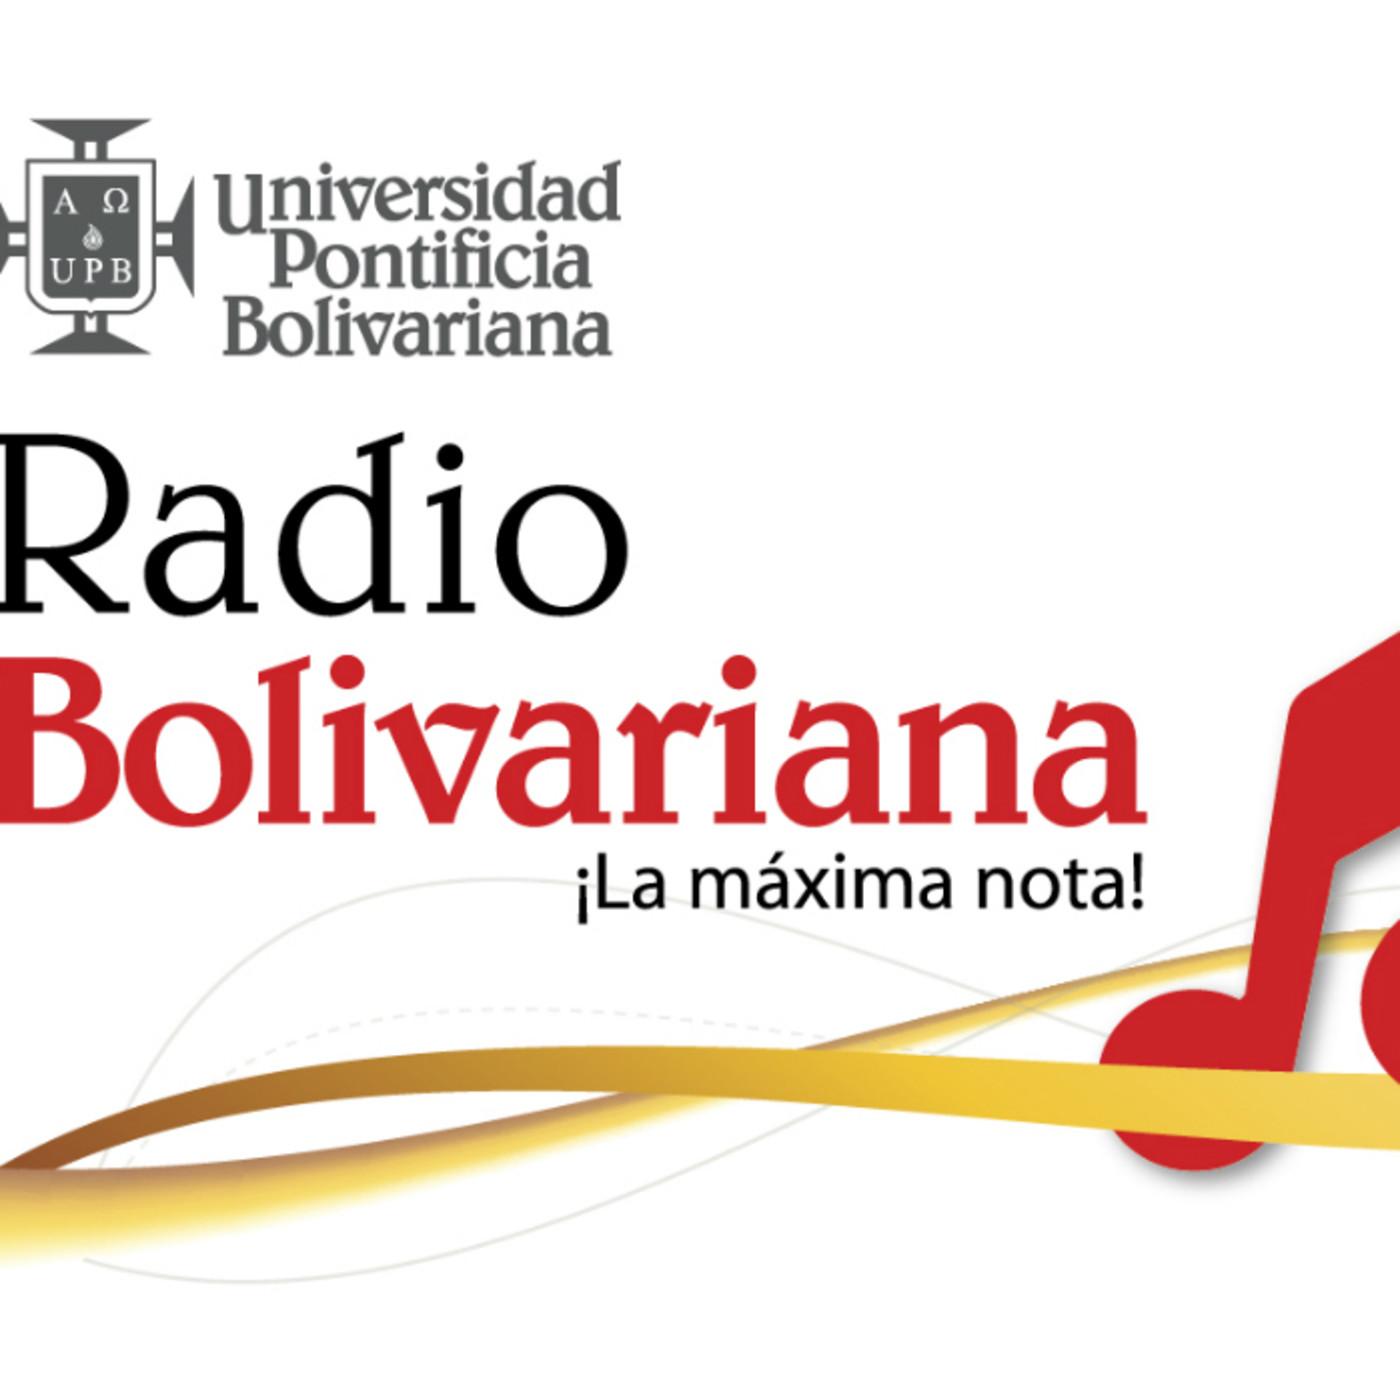 Radio Bolivariana